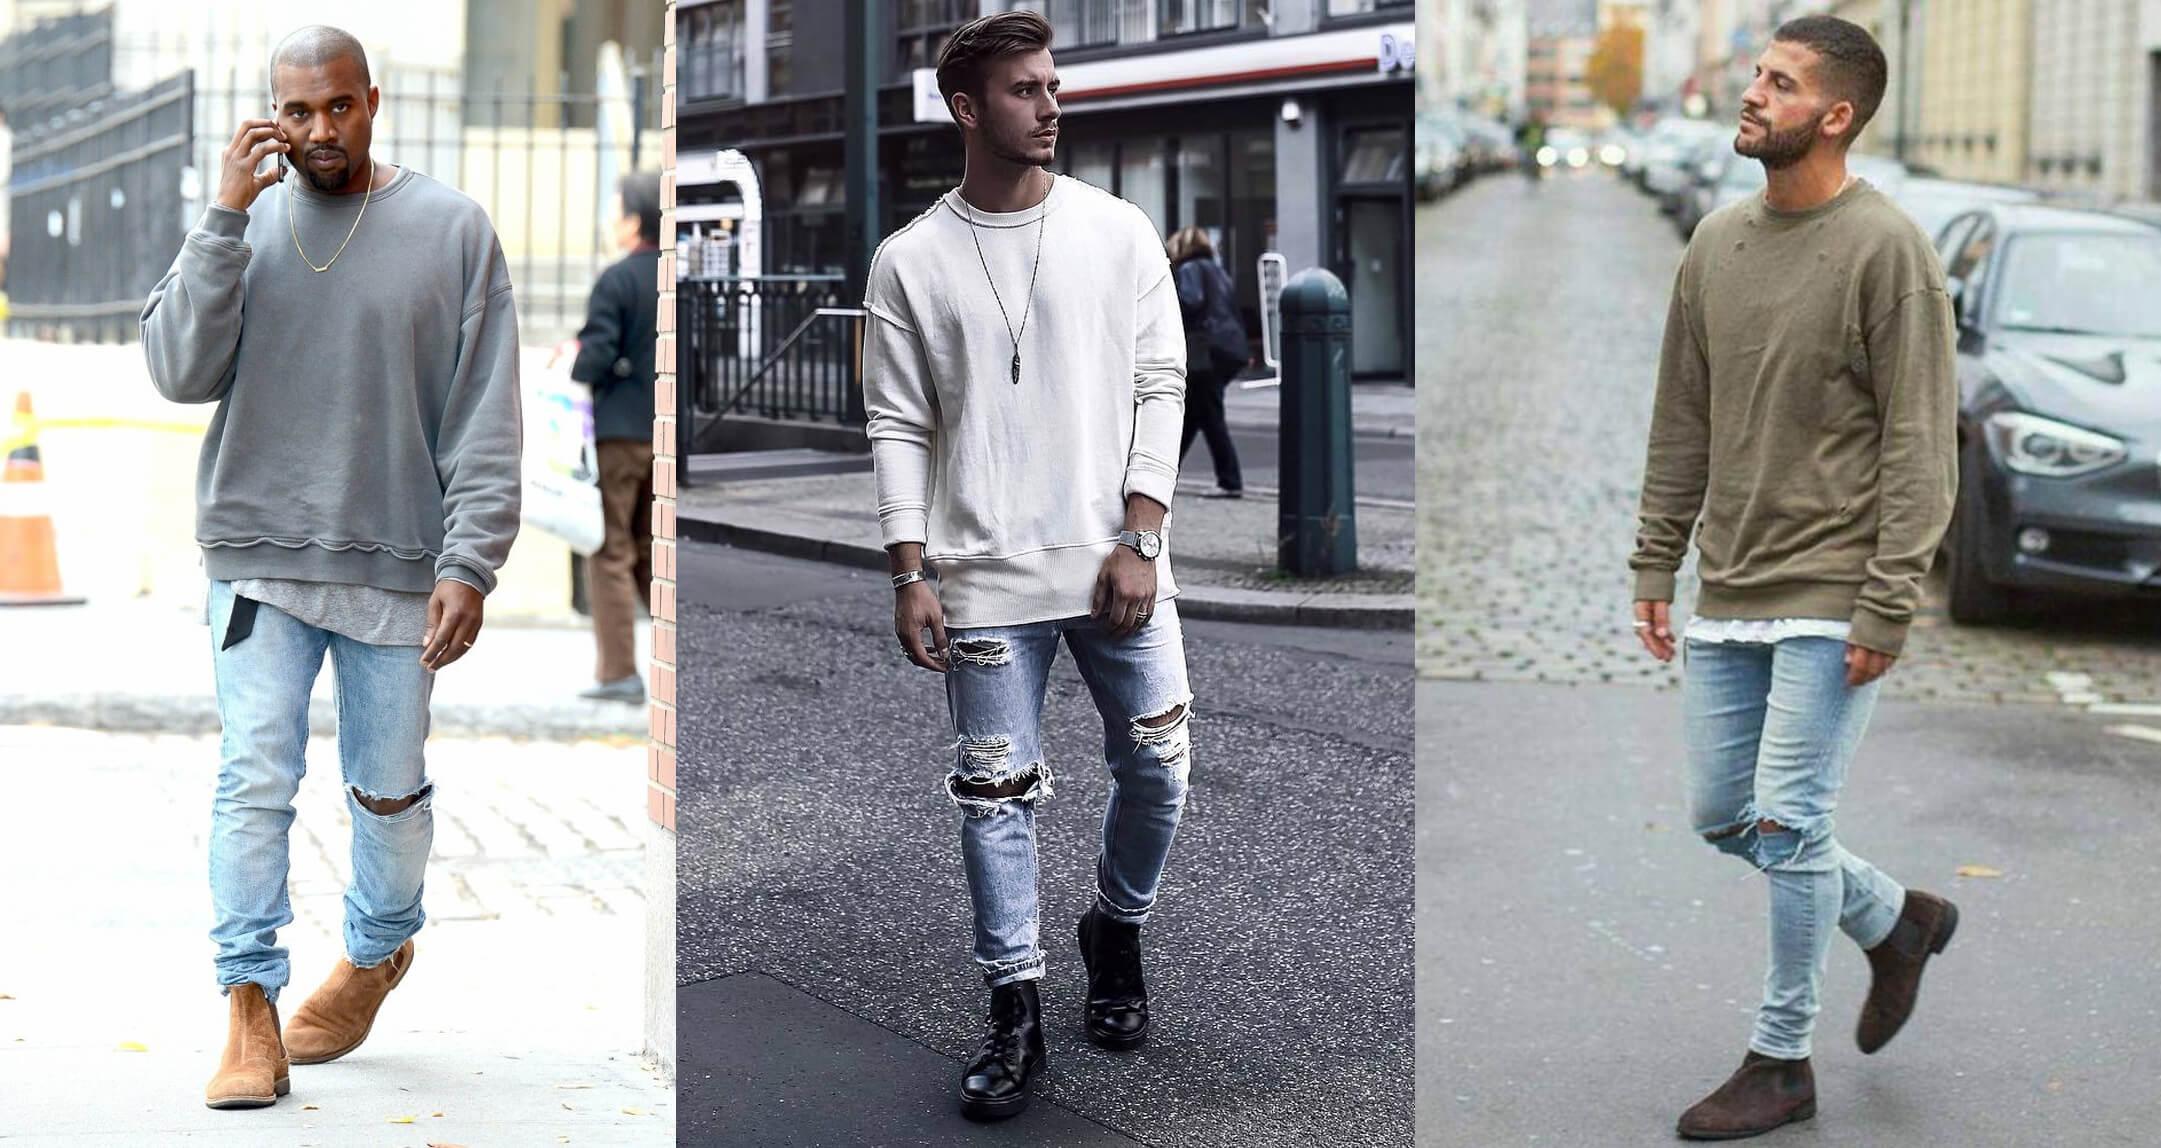 Quần jean rách phối Sweater nam (Nguồn hình: Google)